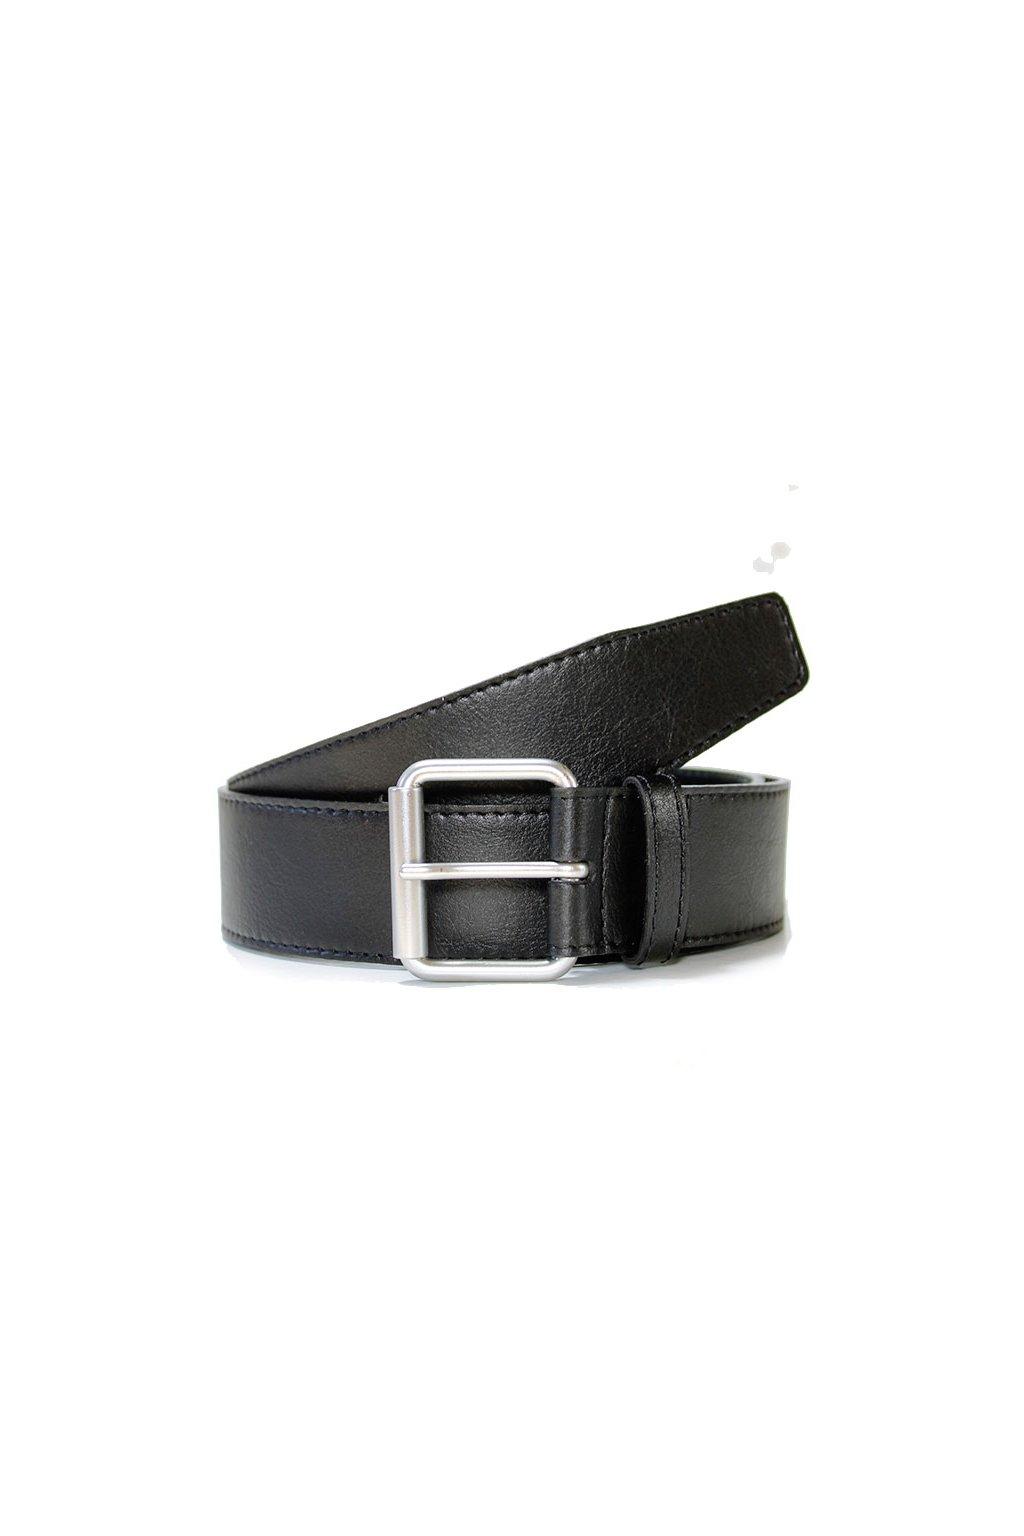 """Čierny opasok 4 cm """"Jeans Belt Black"""""""